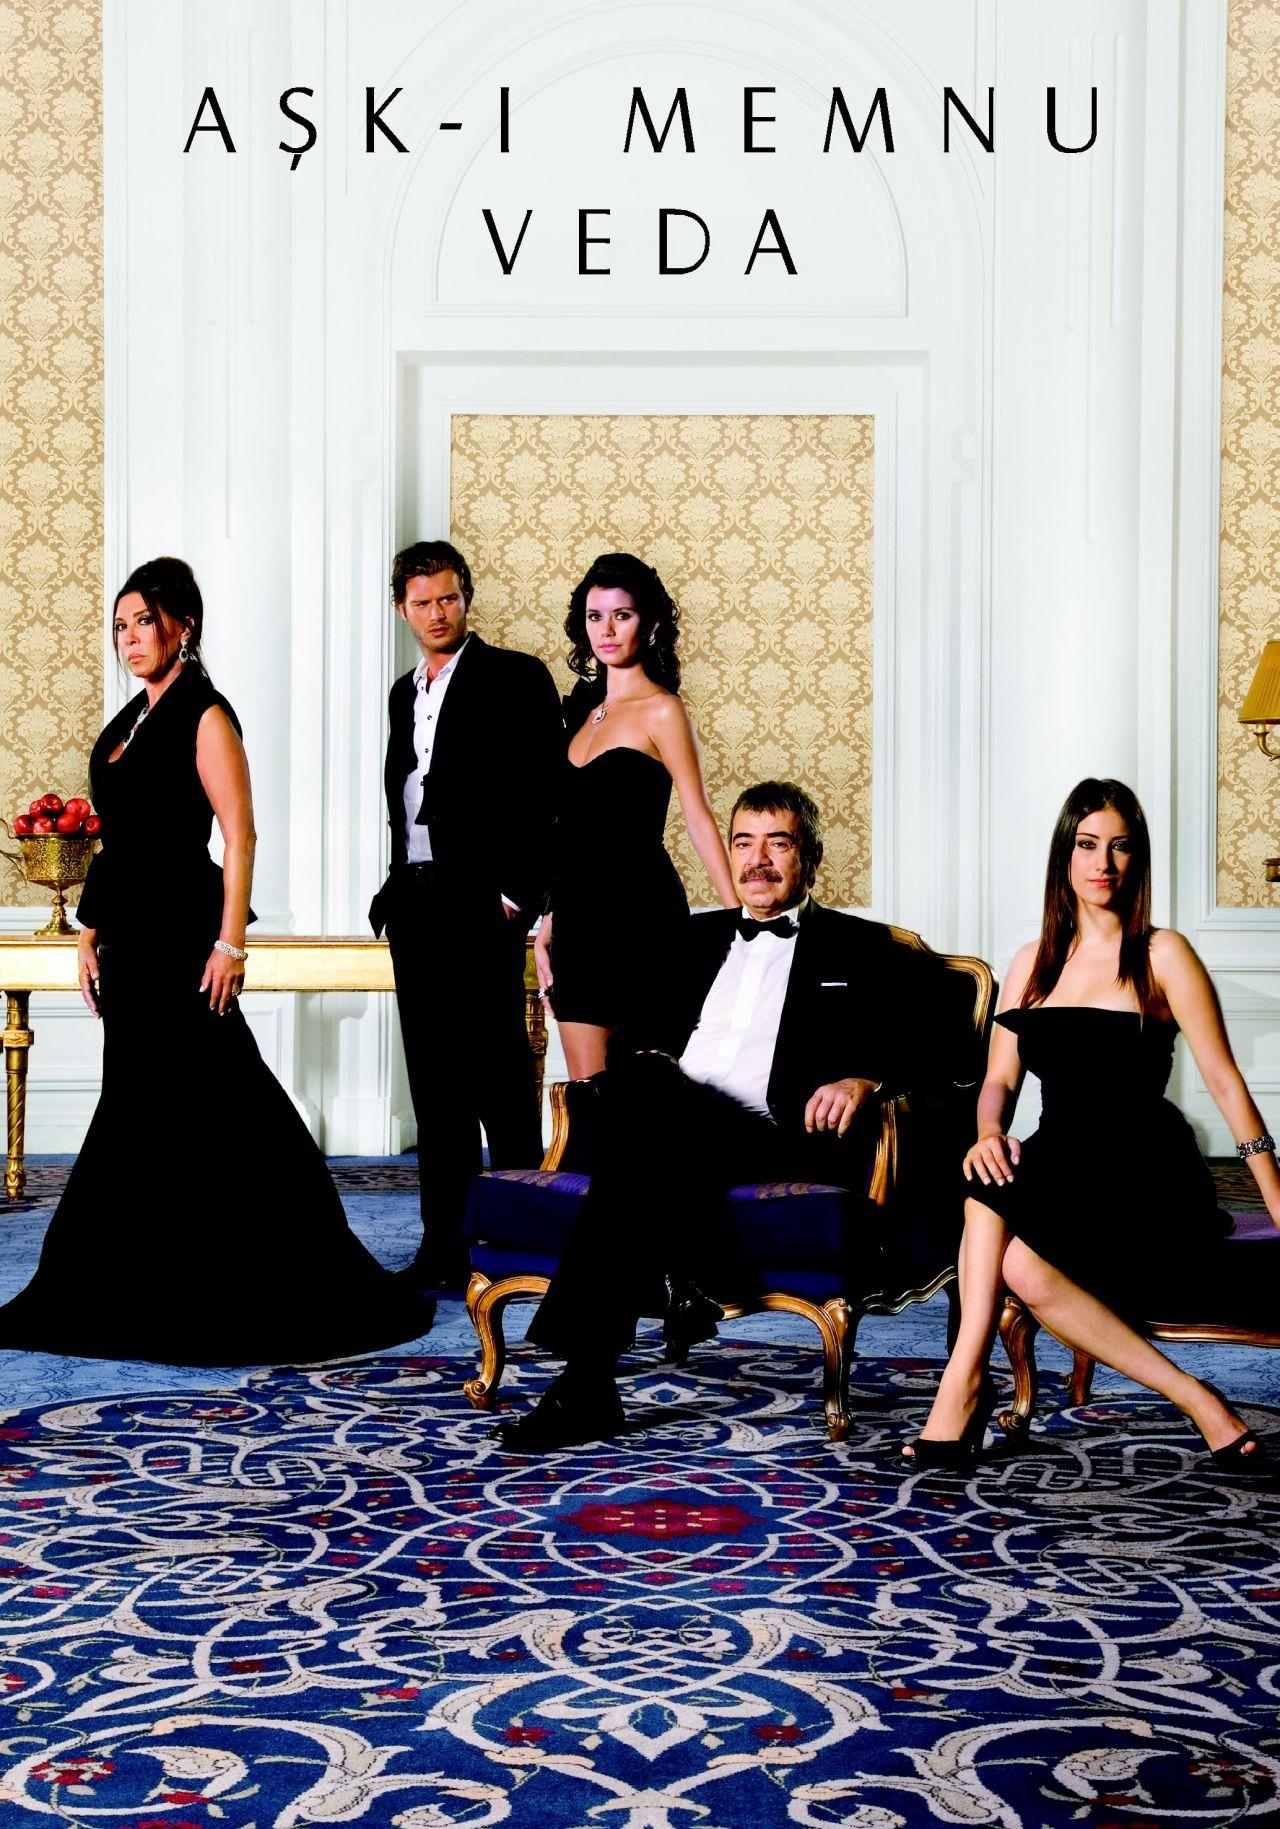 Aşk-ı Memnu efsane finaliyle çarşamba akşamı Kanal D'de! - Sayfa:1